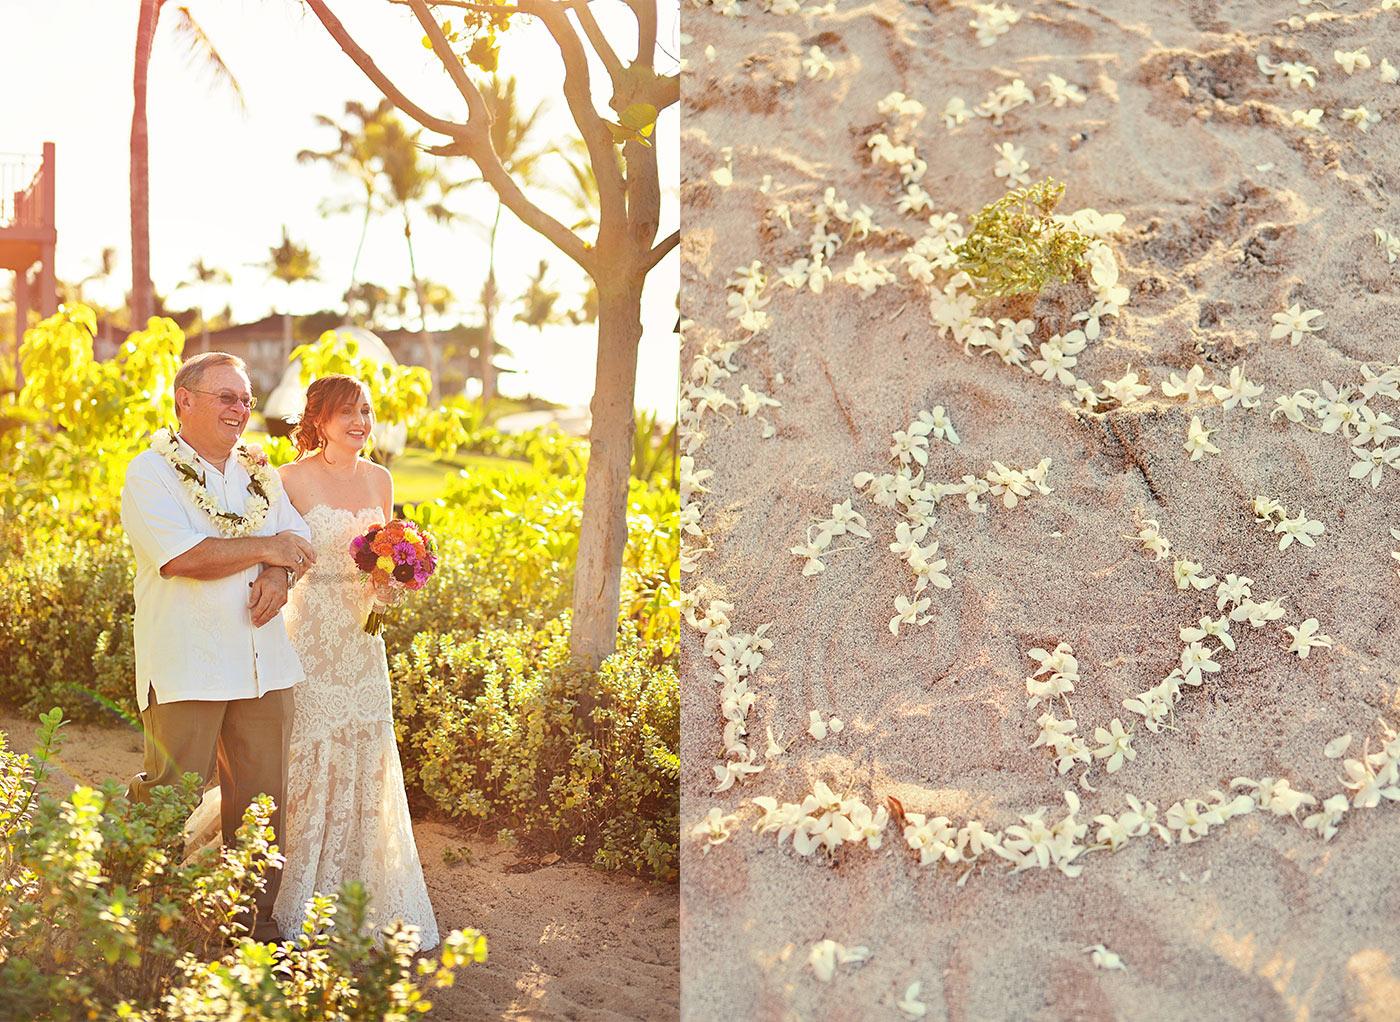 Big-Island-Hawaii-wedding-photo-(57).jpg